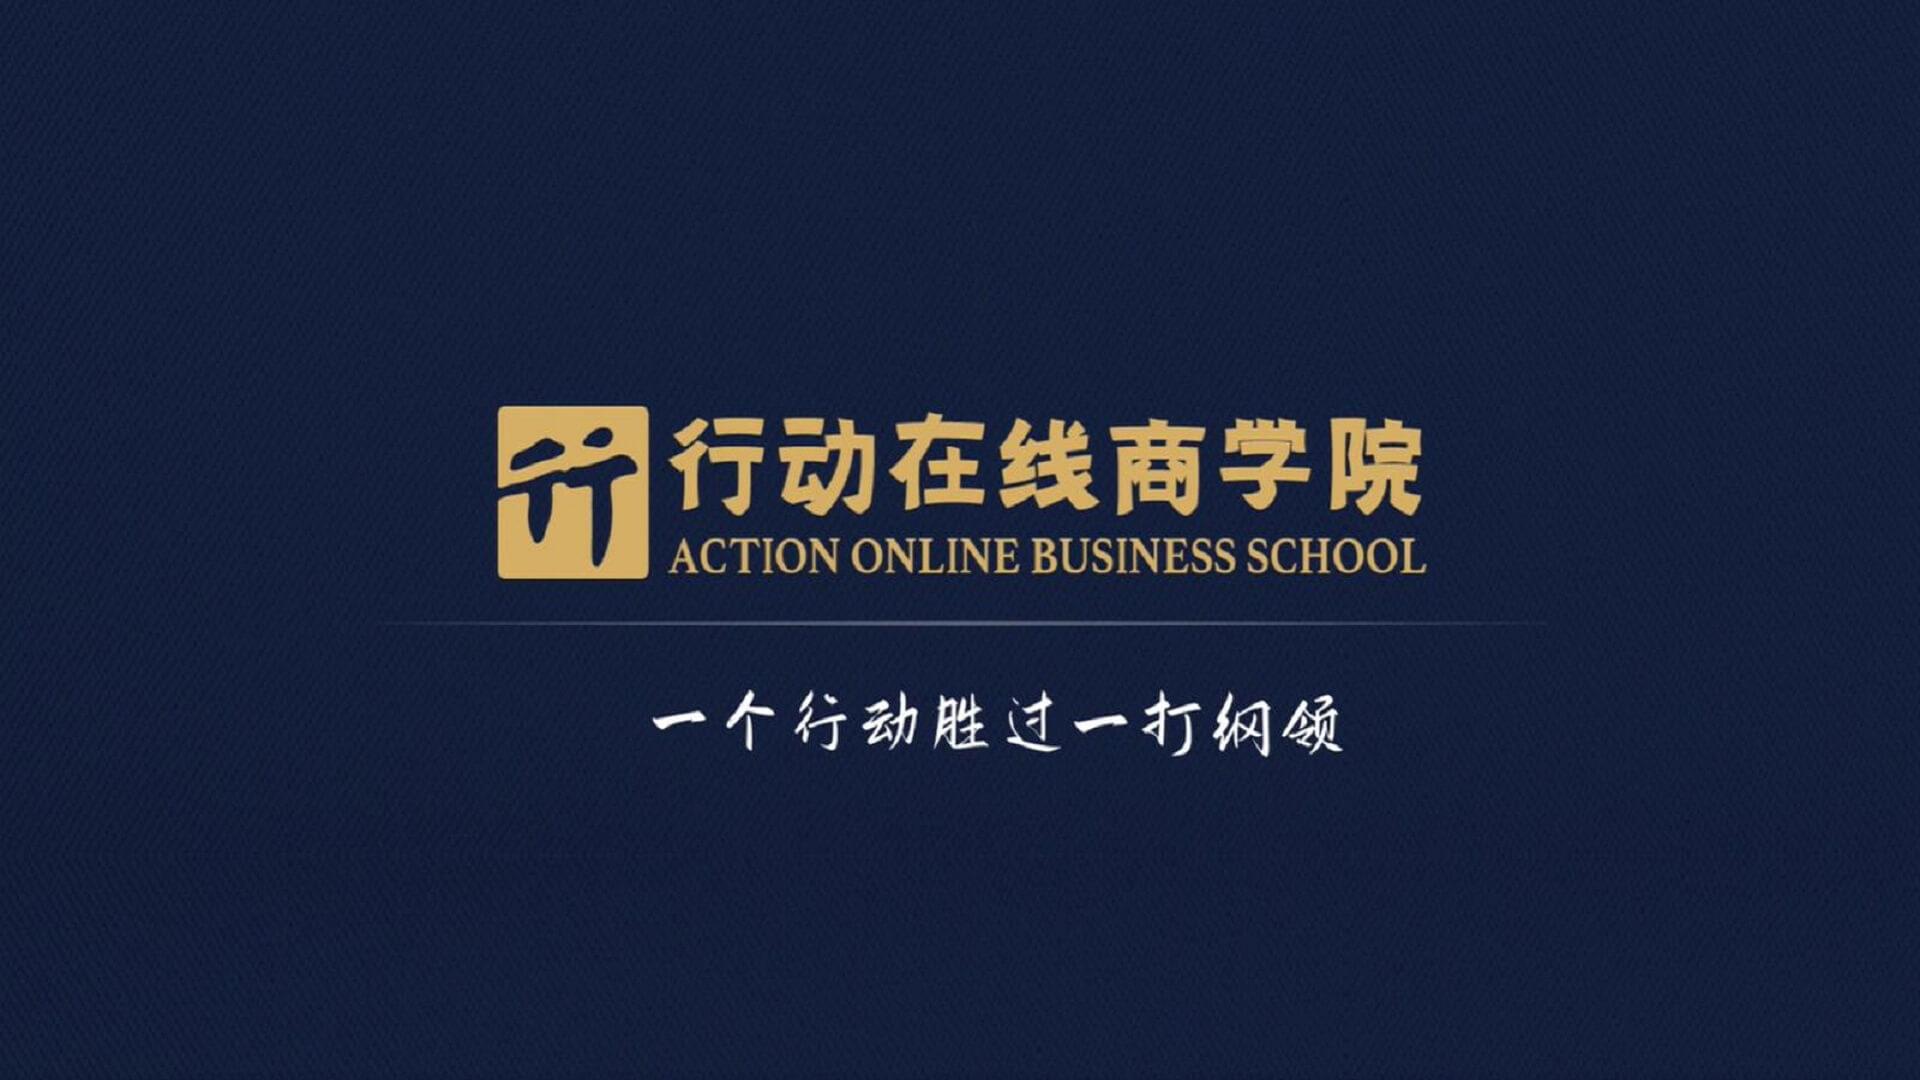 宋志平:白手起家不等于企业家